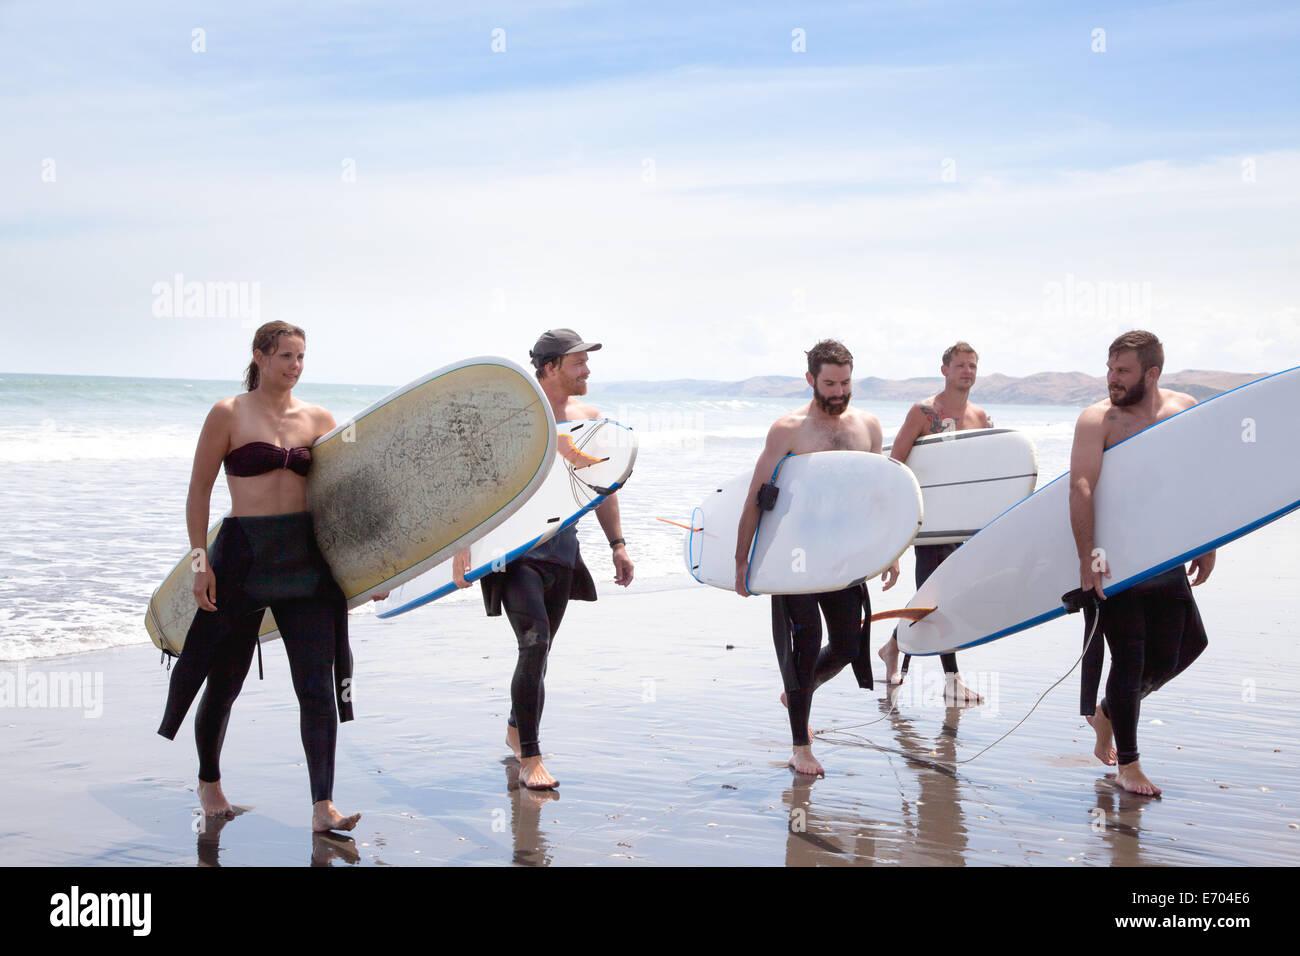 Groupe d'hommes et femmes d'amis surfeur marche loin de la mer avec des planches de surf Photo Stock